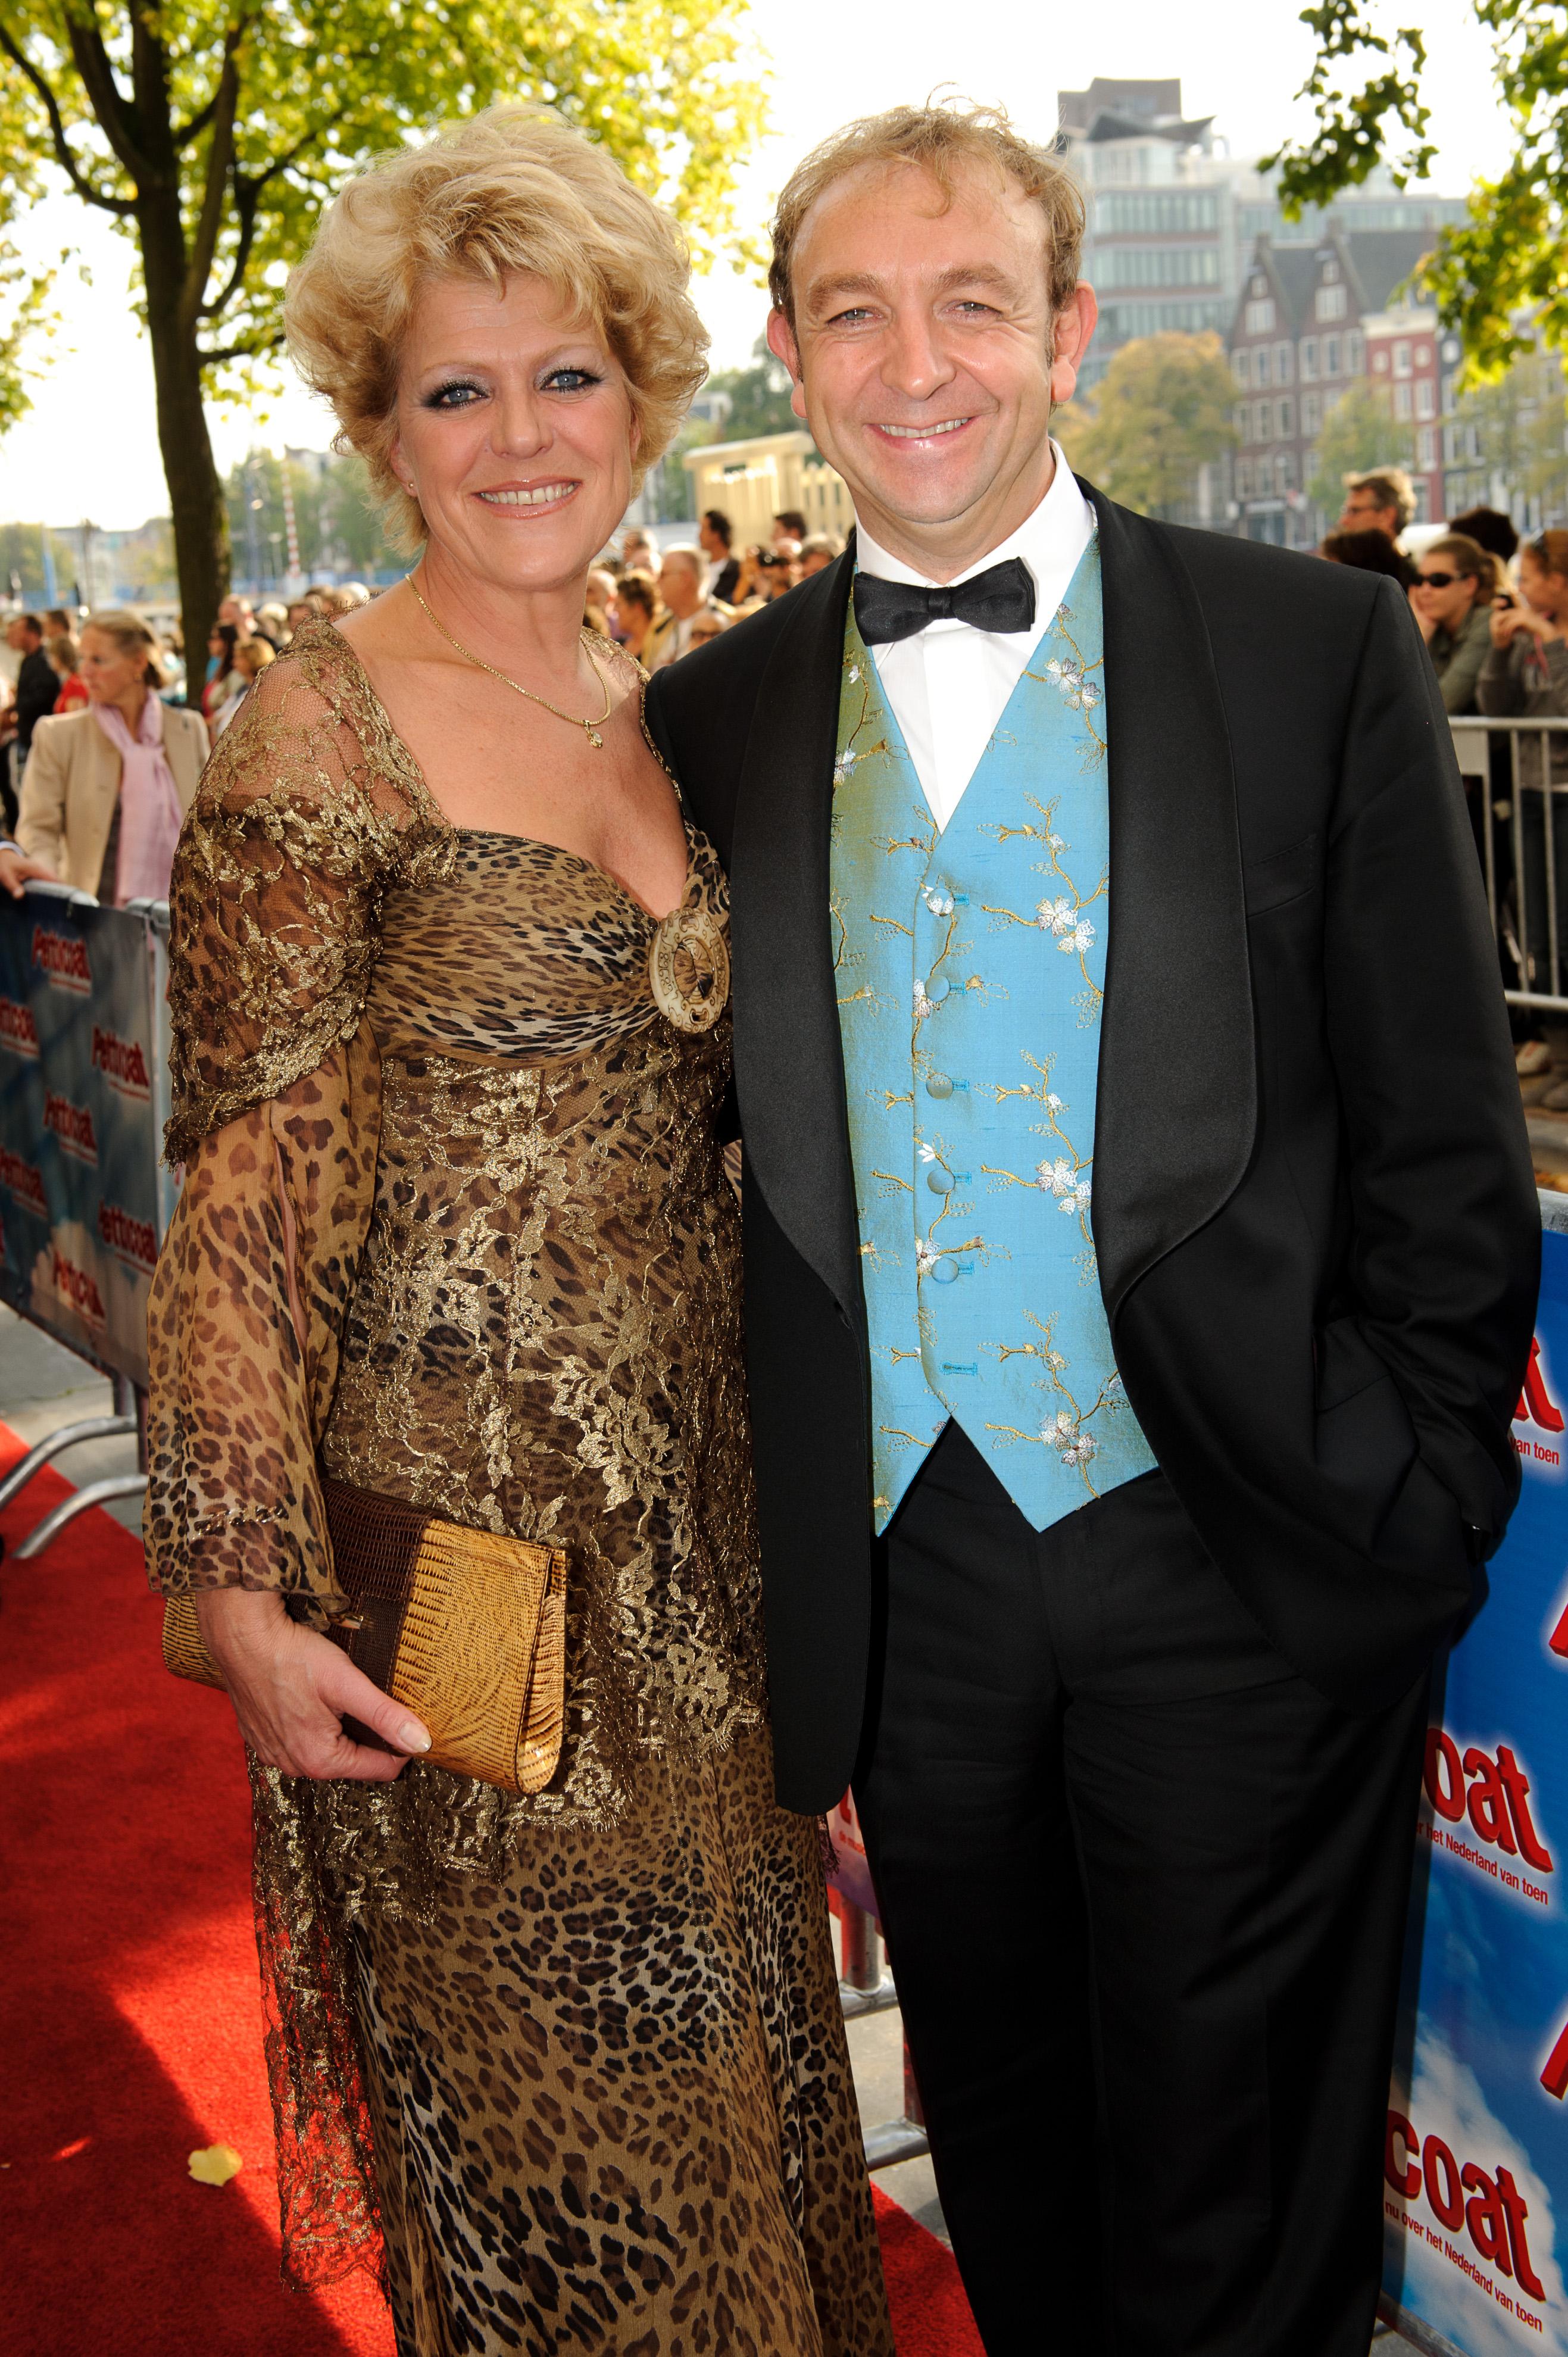 Met Simone Kleinsma